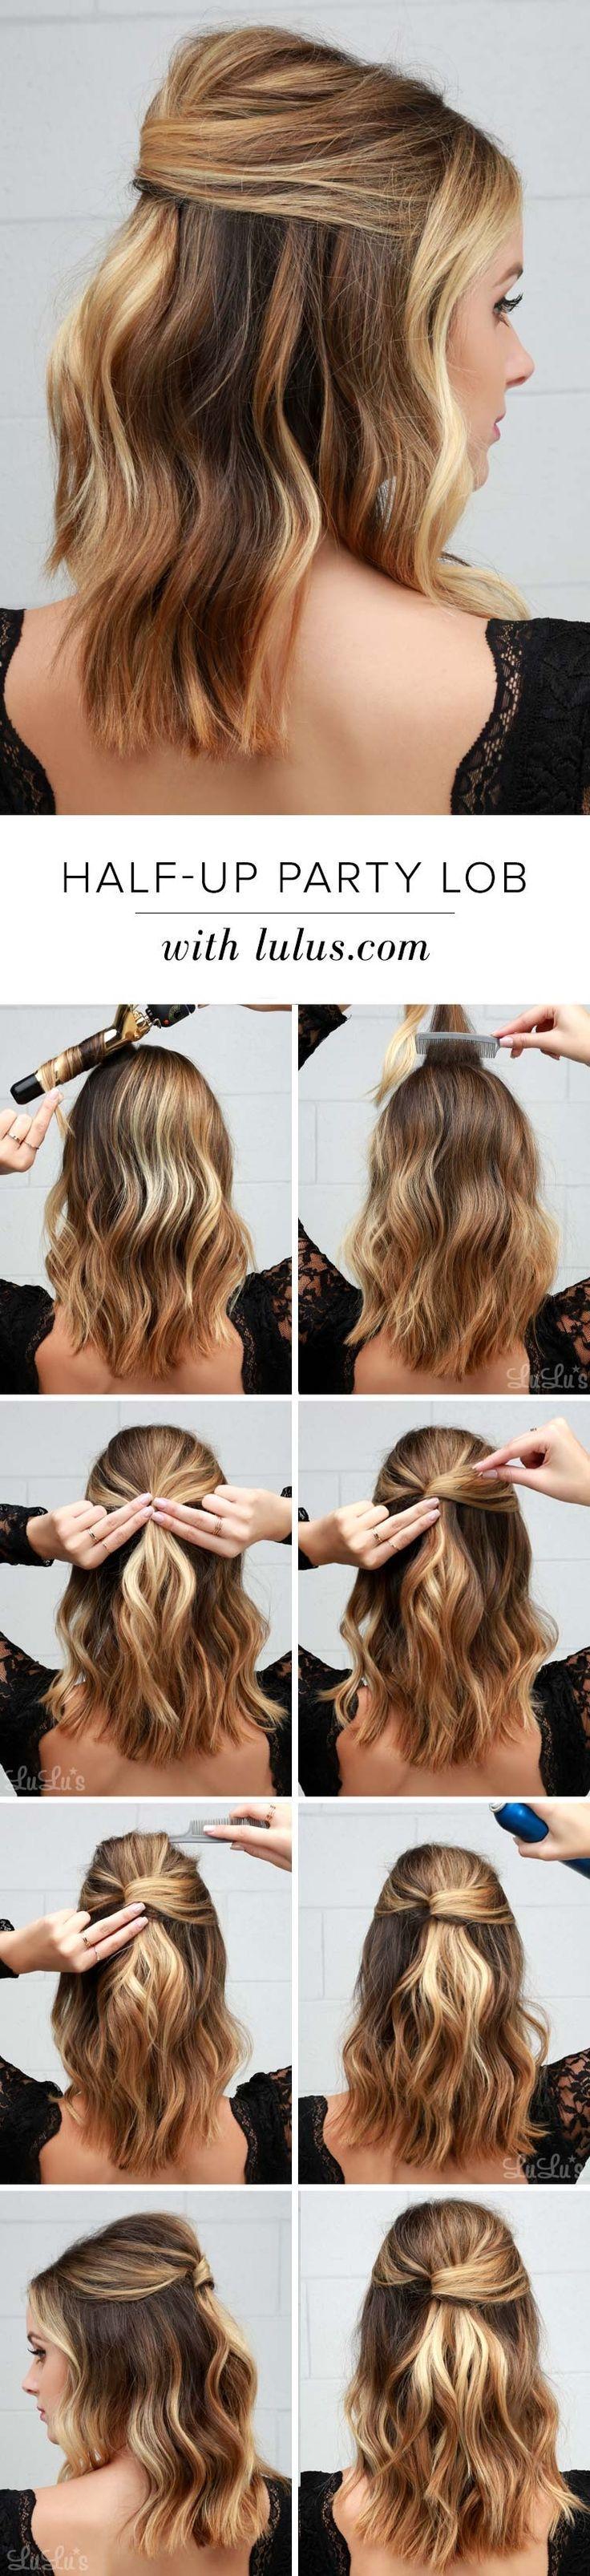 Tuto coupe de cheveux femme courte